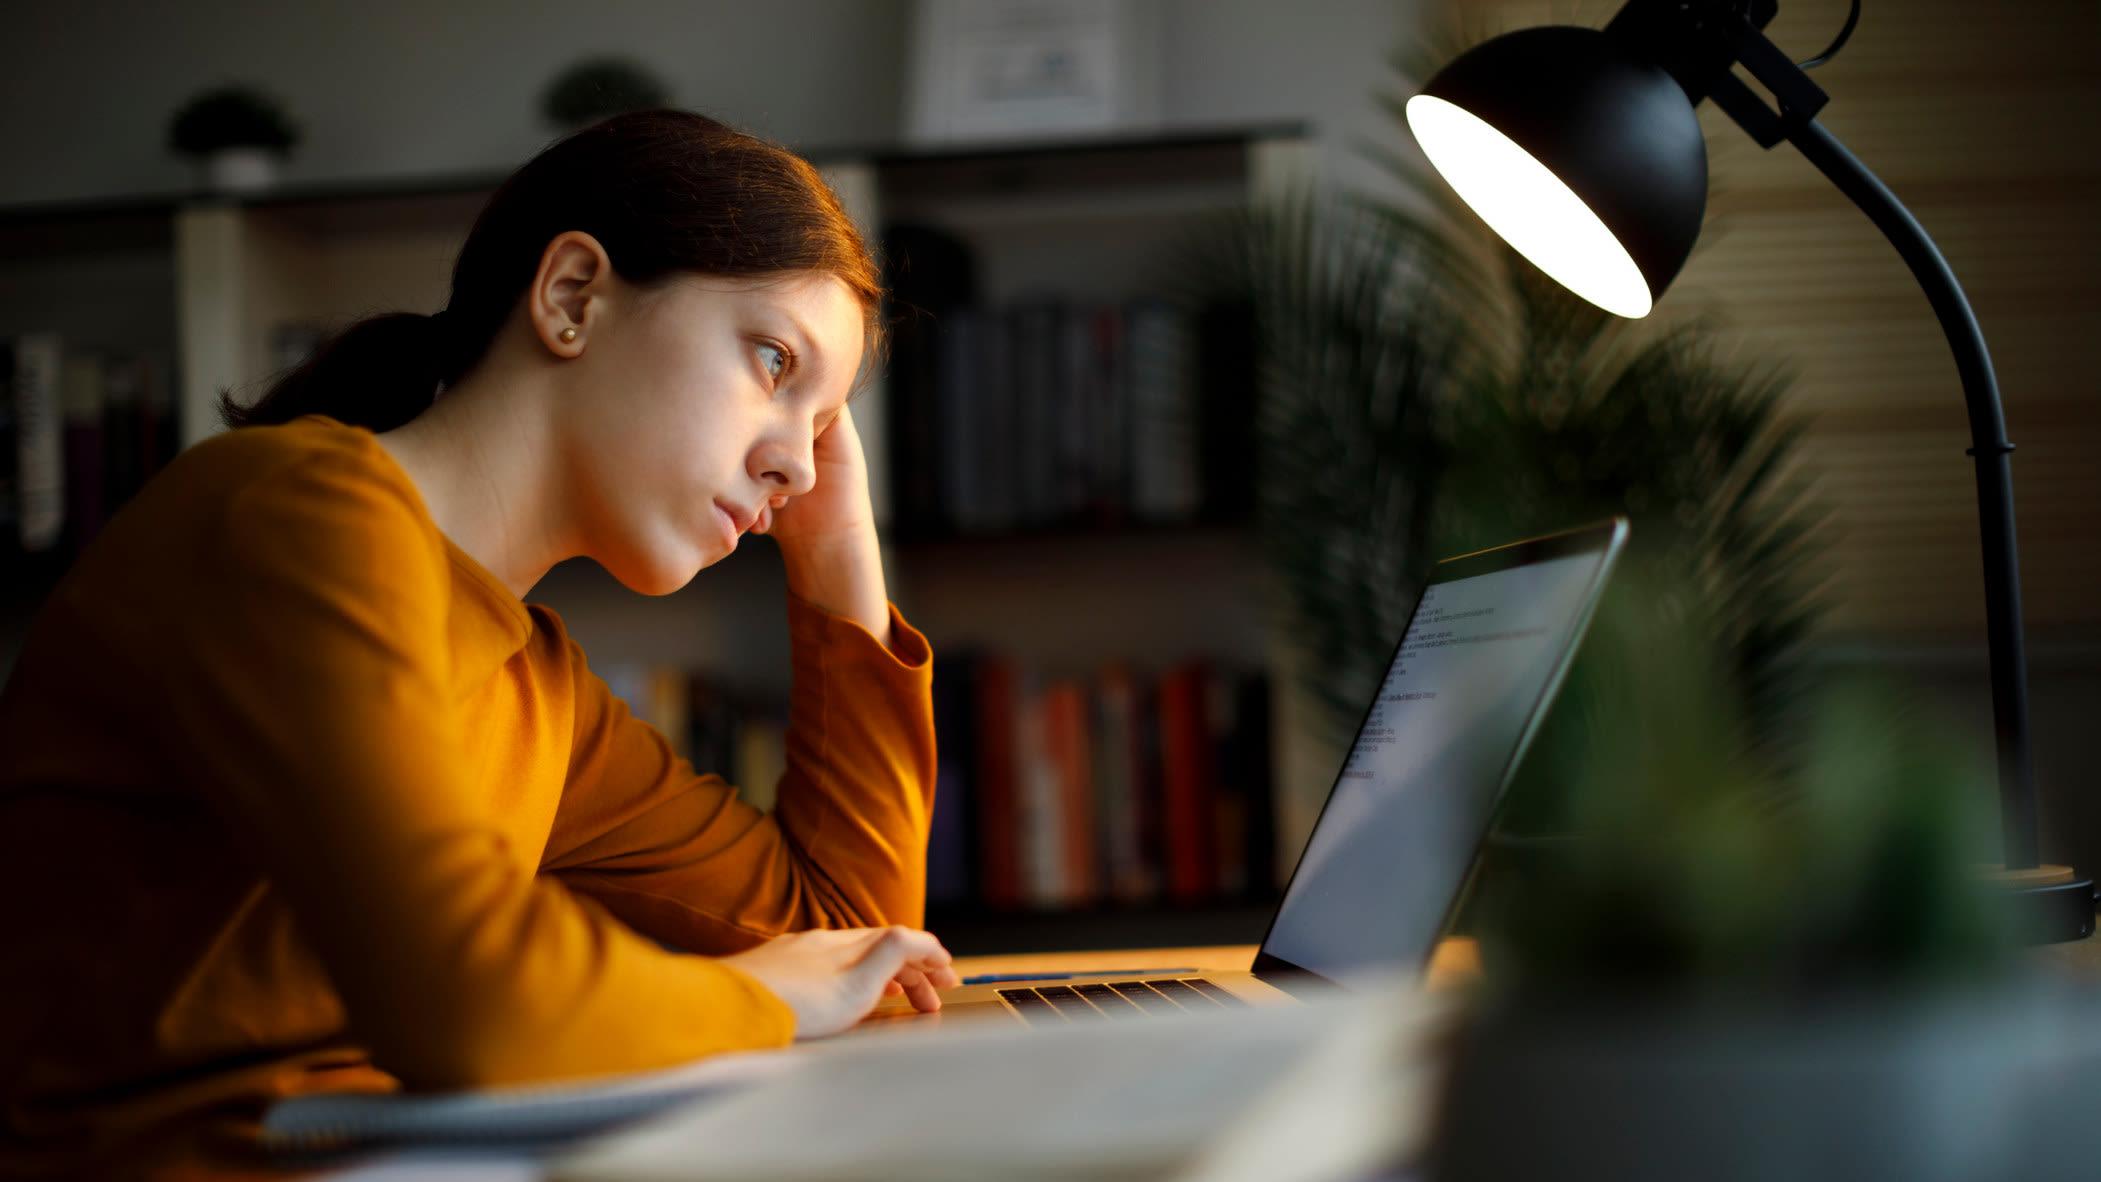 Studentin arbeitet abends am Laptop / Notebook Urheber: Getty / damircudic